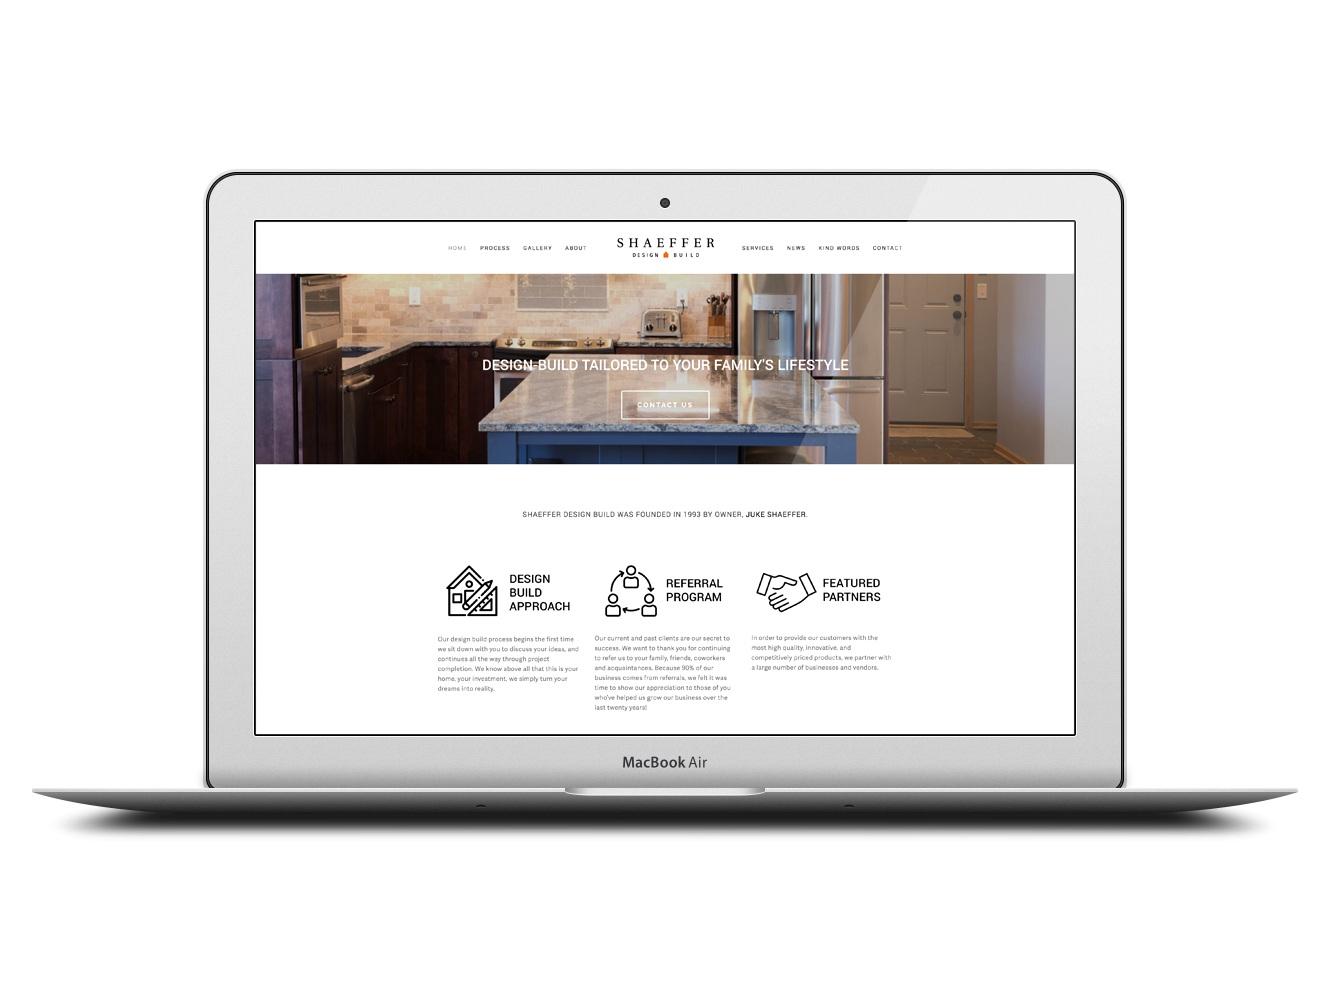 Shaeffer+Design+Build+New+Marketing+Branding